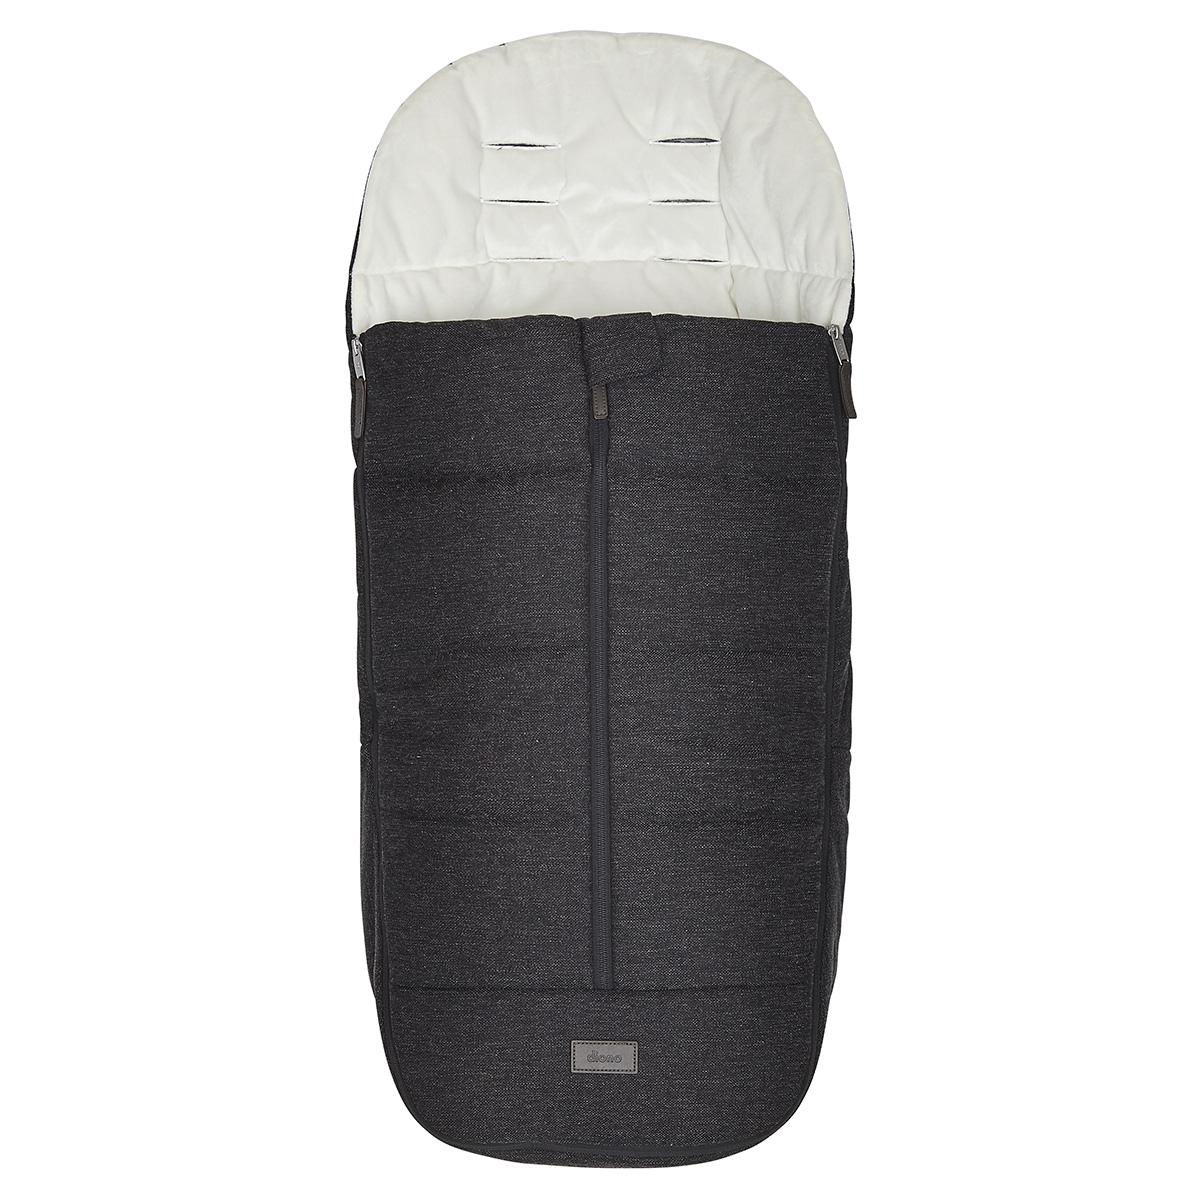 Diono kørepose - All Weather Classic - Mørkegrå